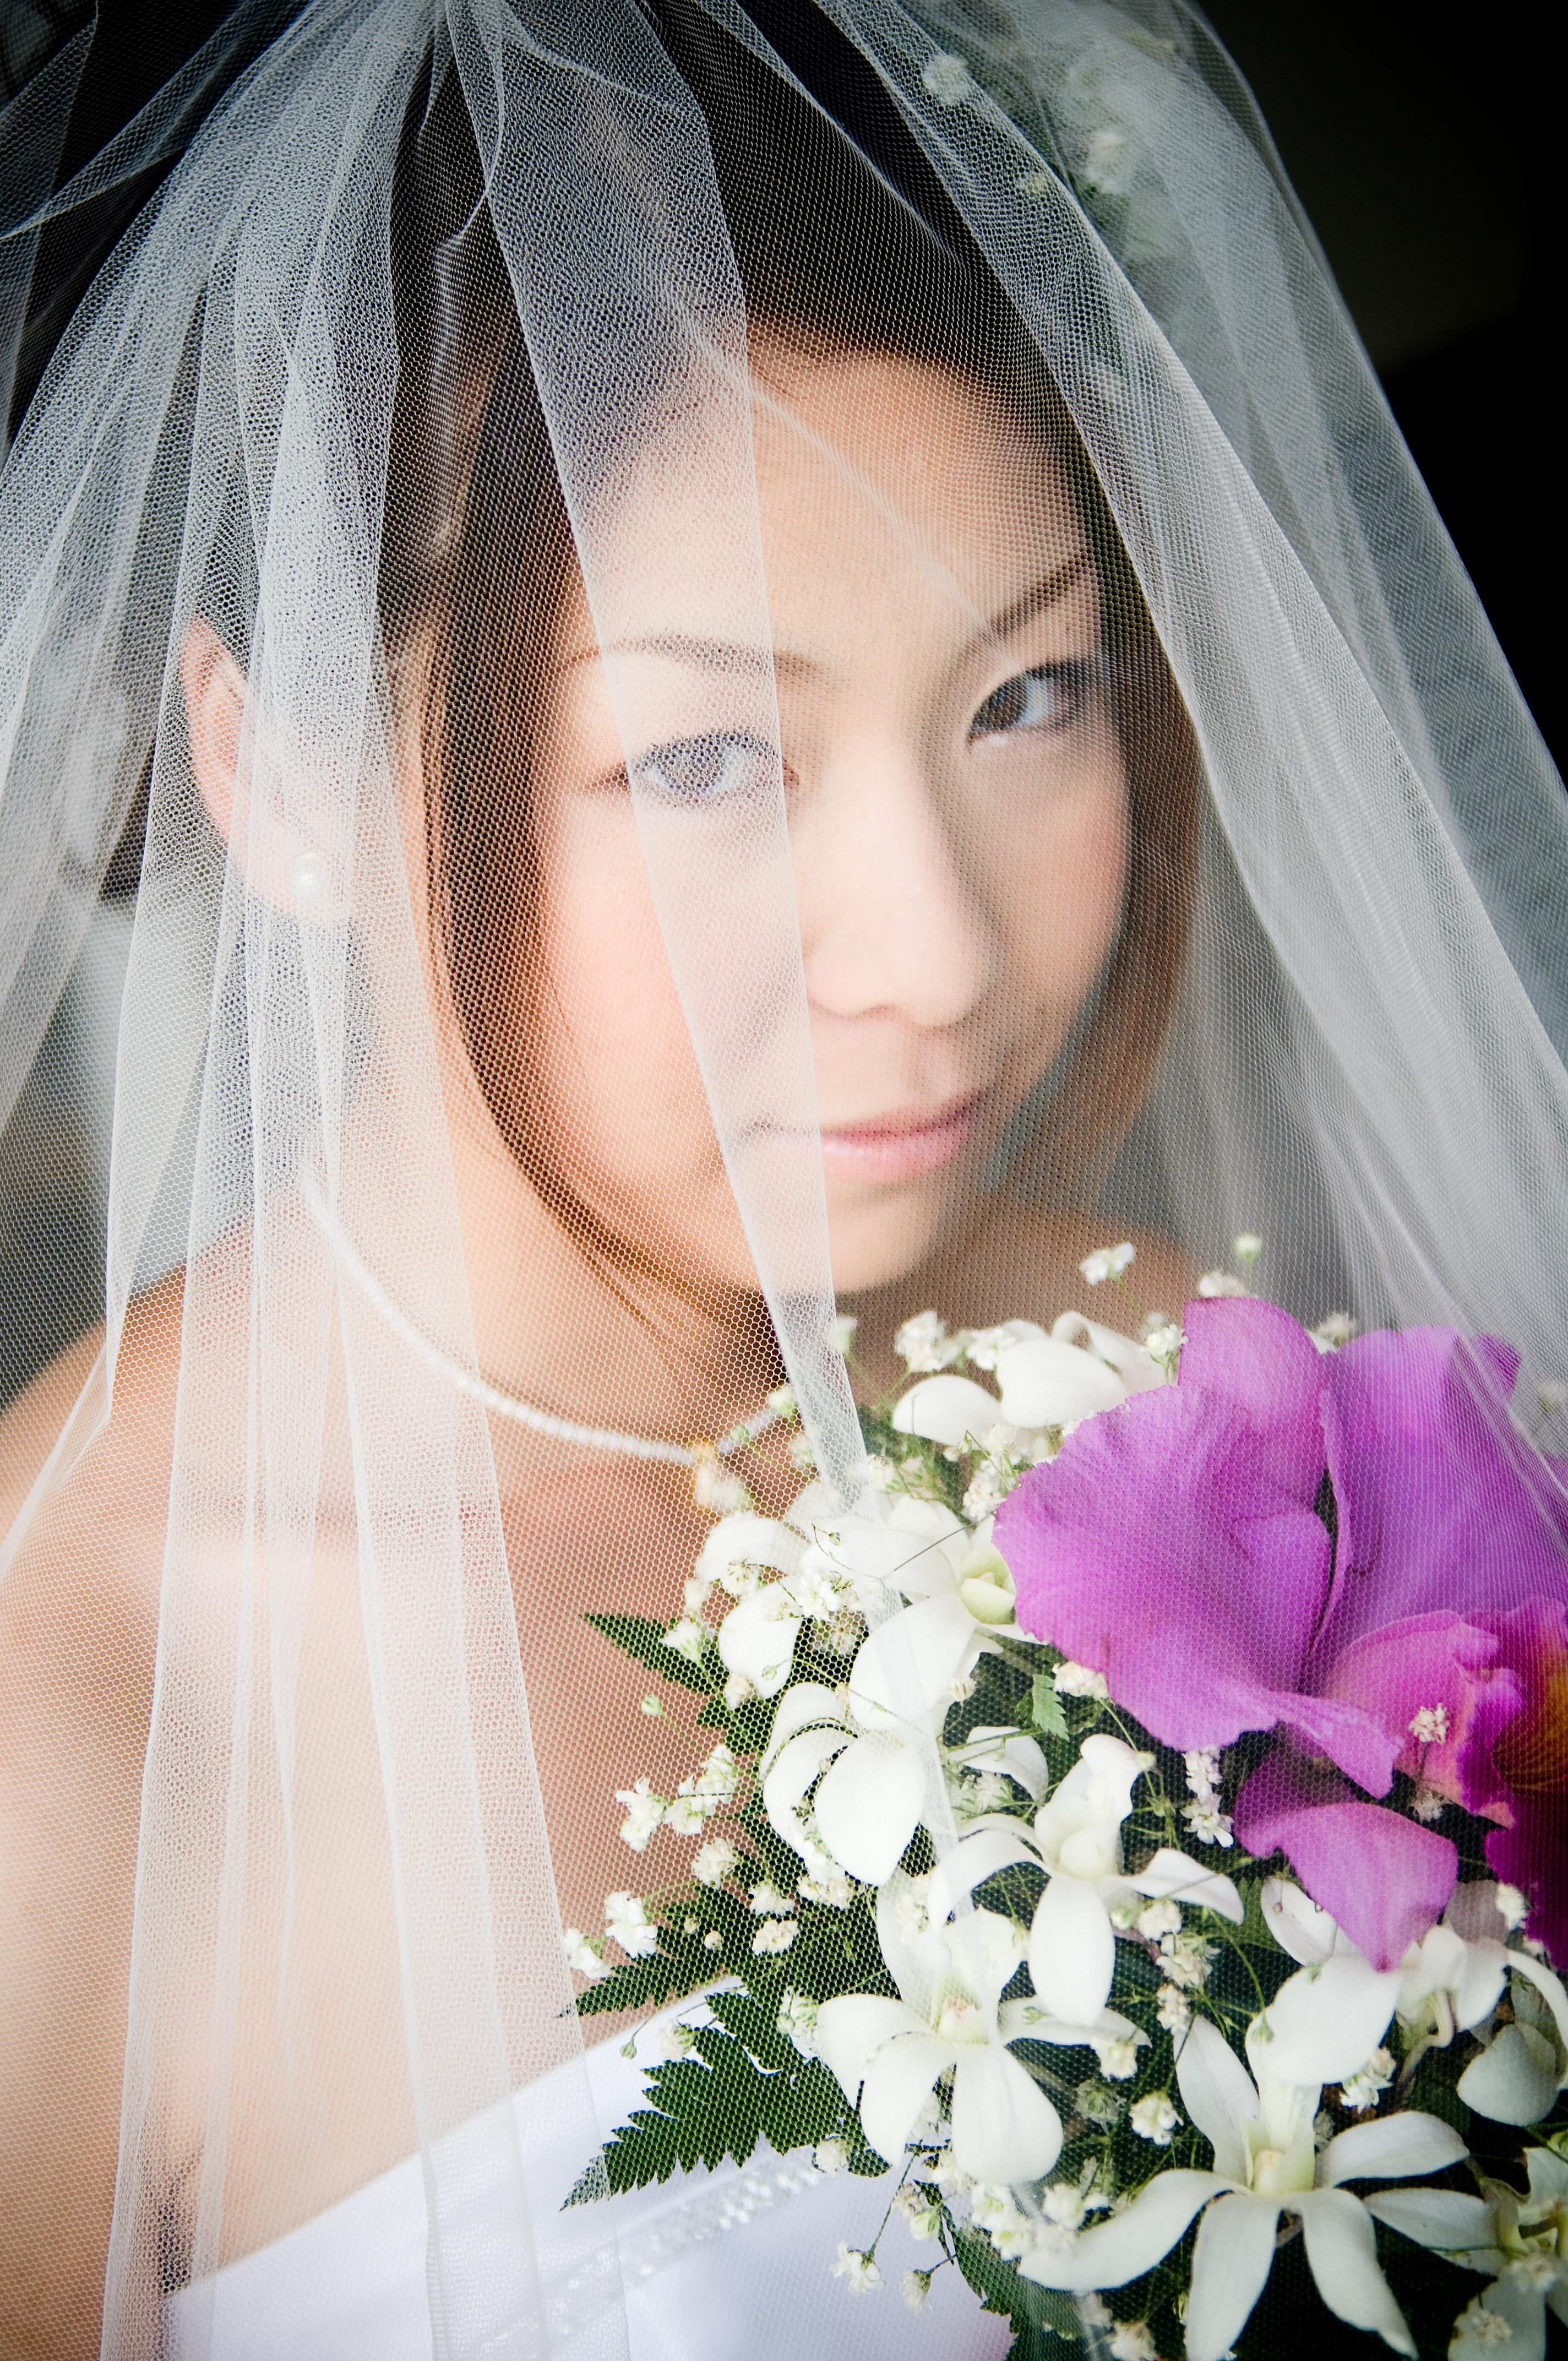 Beauty, Flowers & Decor, Veils, Fashion, white, pink, Makeup, Bride Bouquets, Bride, Flowers, Portrait, Veil, Hair, Horn photography, Flower Wedding Dresses